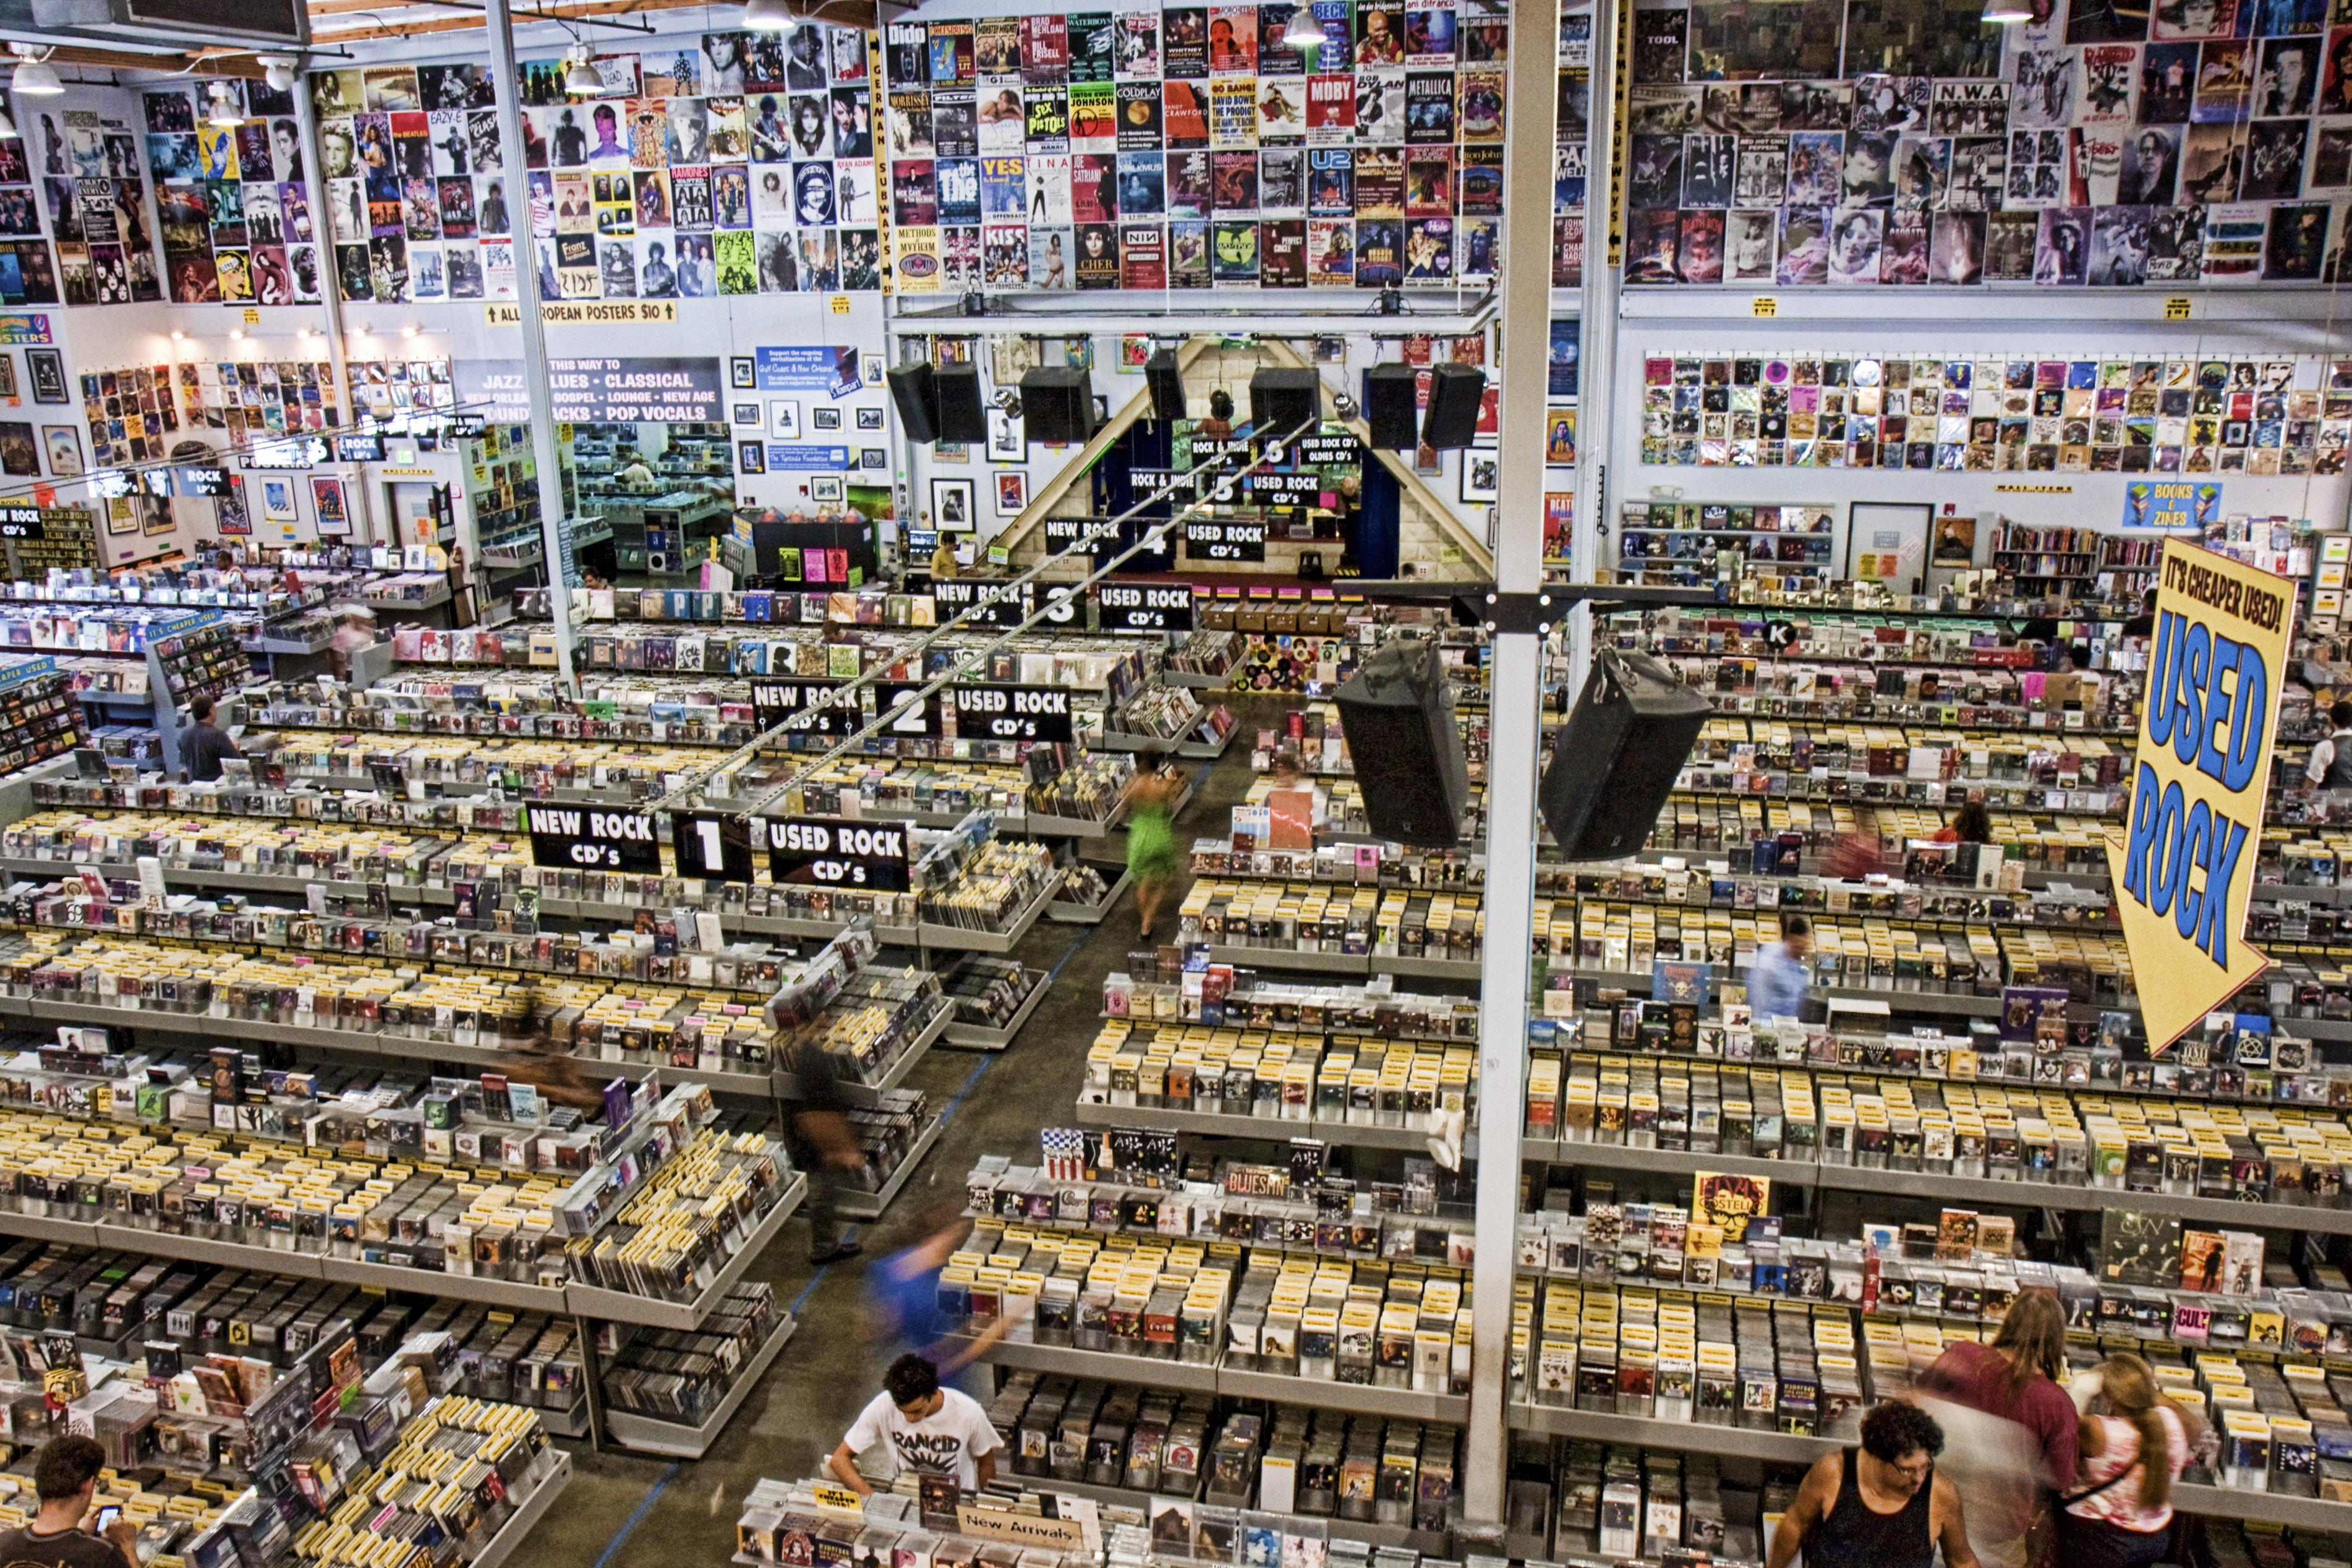 Amoeba Records on Sunset Boulevard.